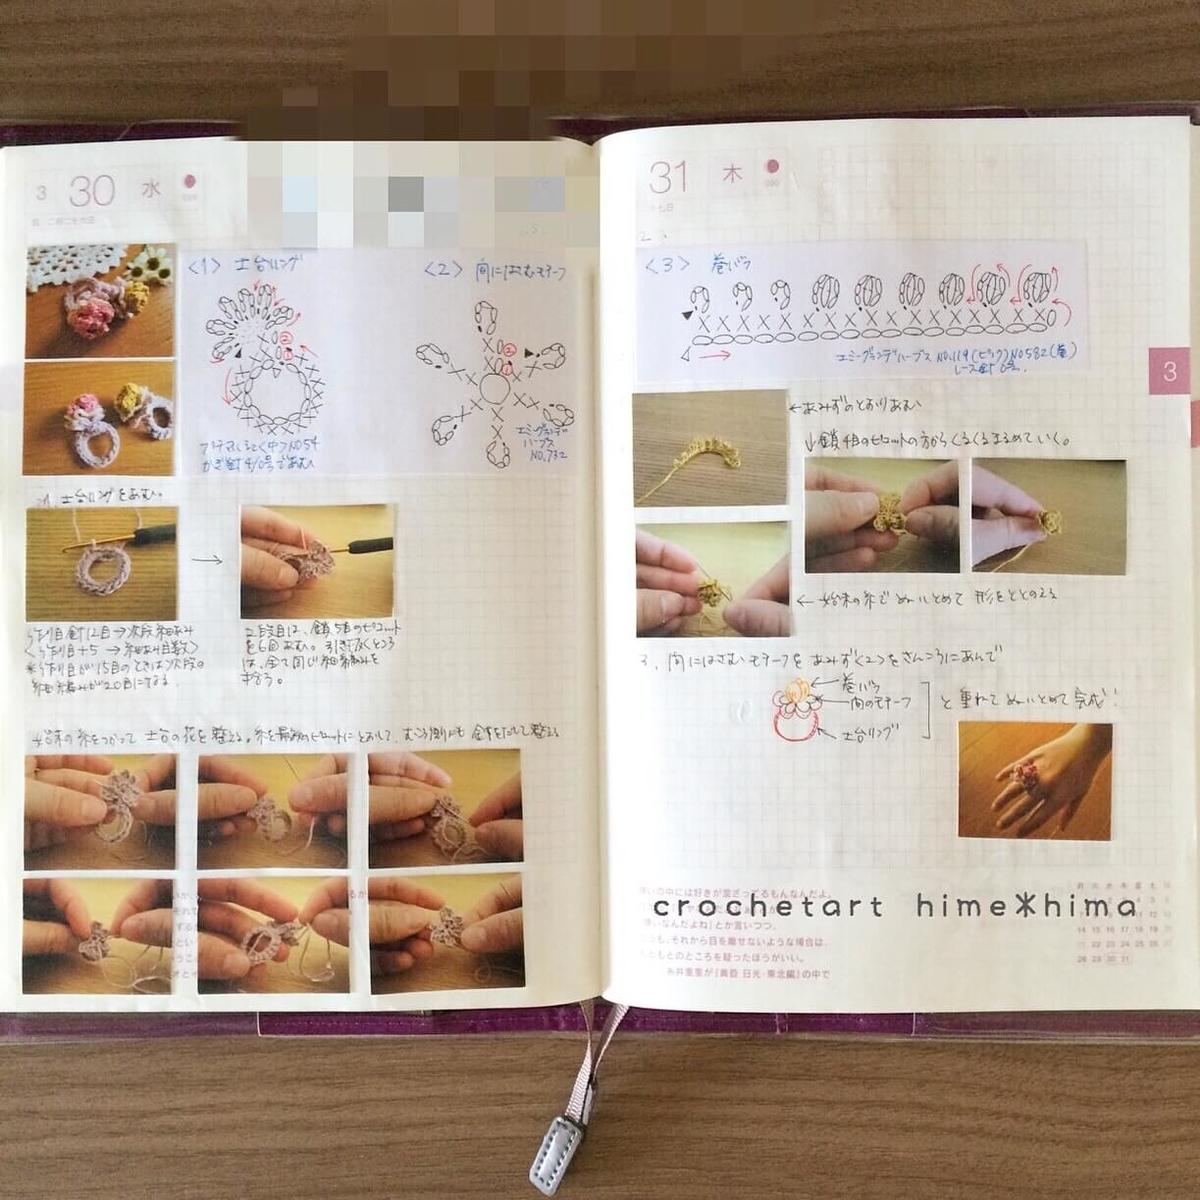 ほぼ日手帳に描いた指輪の編み図